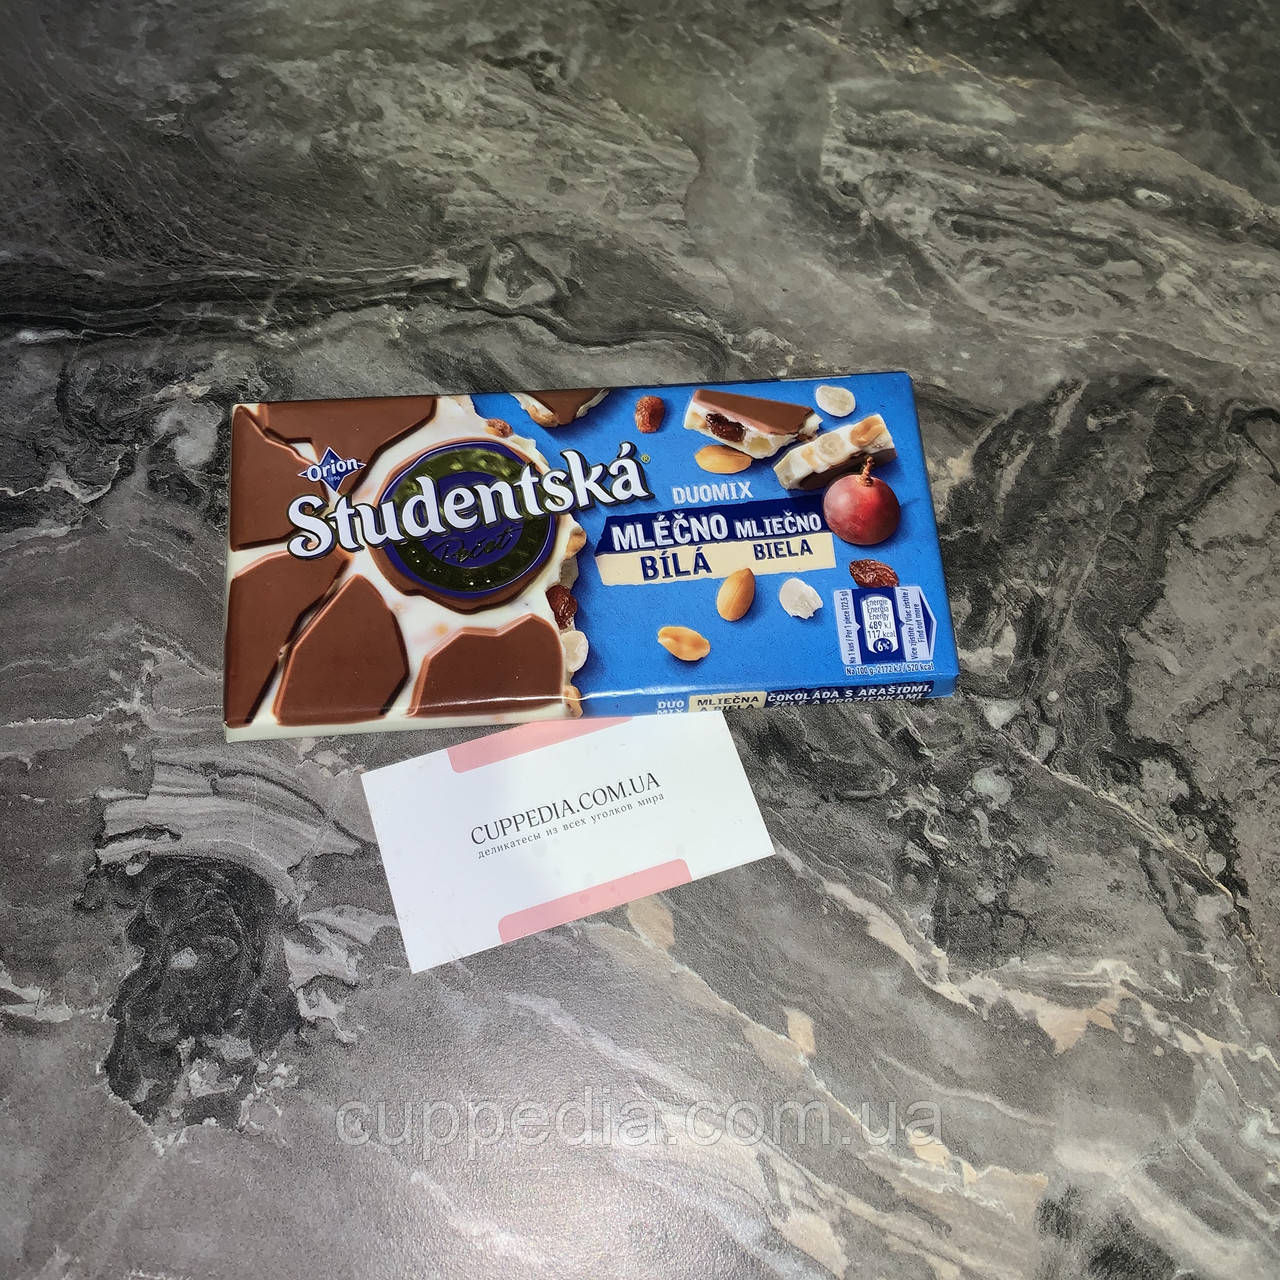 Шоколад Studentska білий і молочний шоколад 180 гр